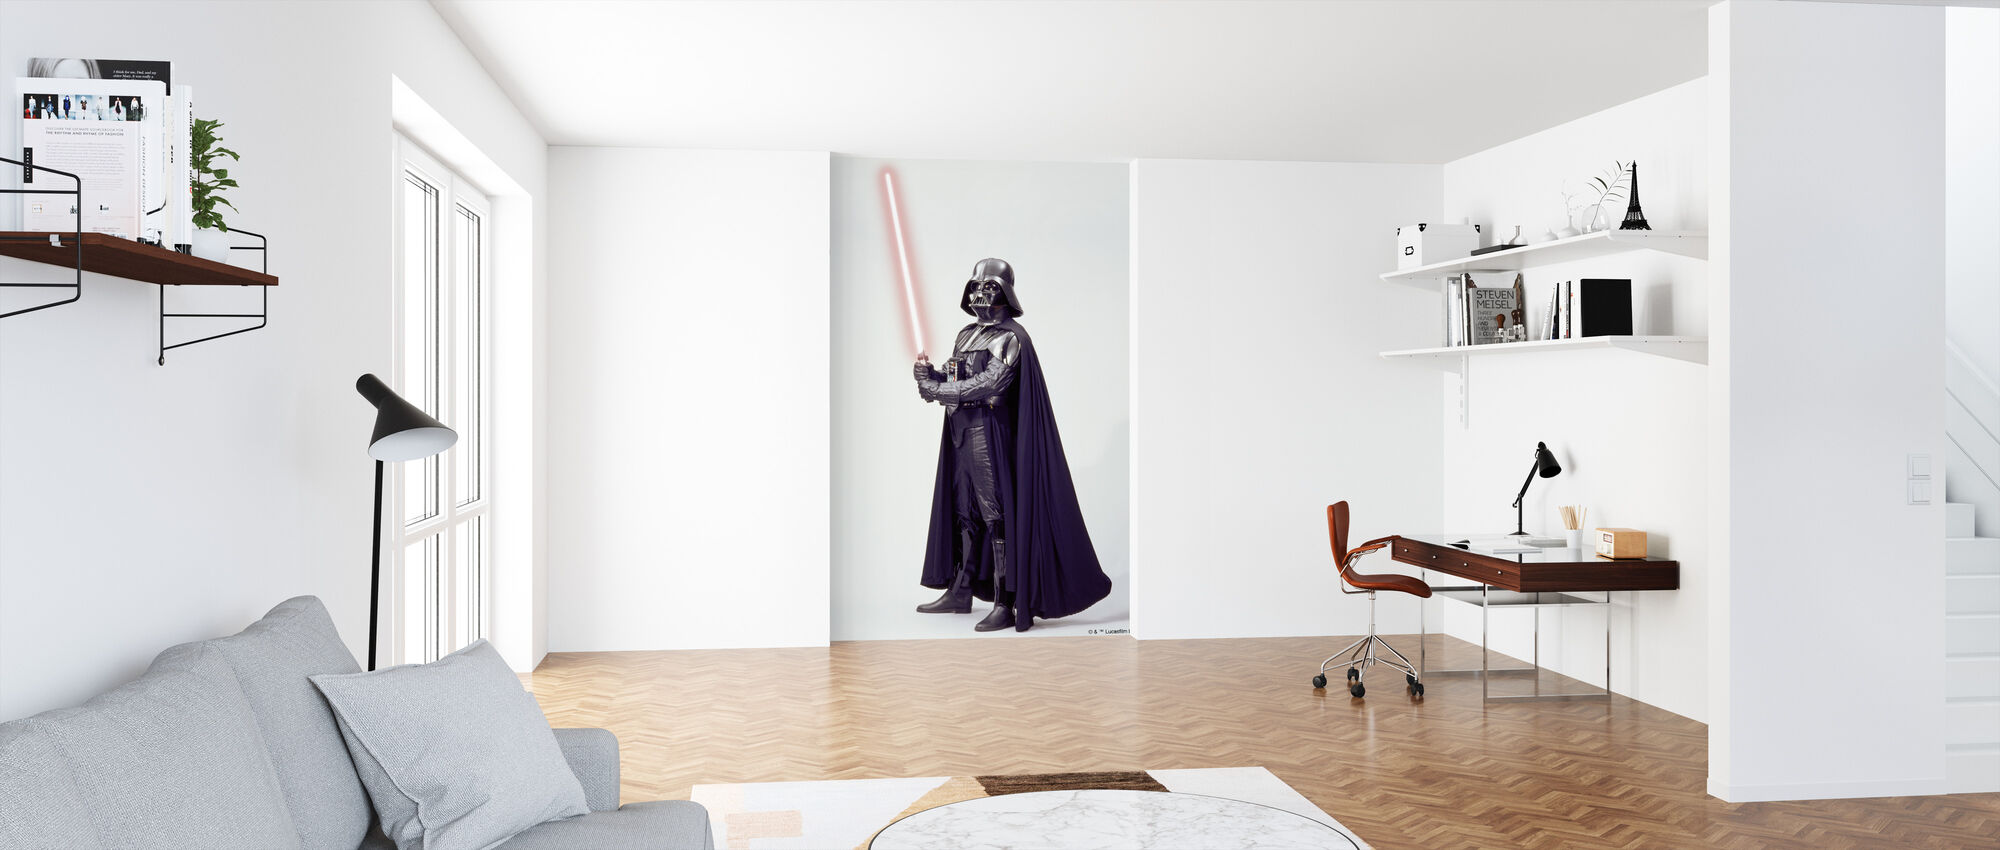 Star Wars - Darth Vader lyssværd 1 - Tapet - Kontor